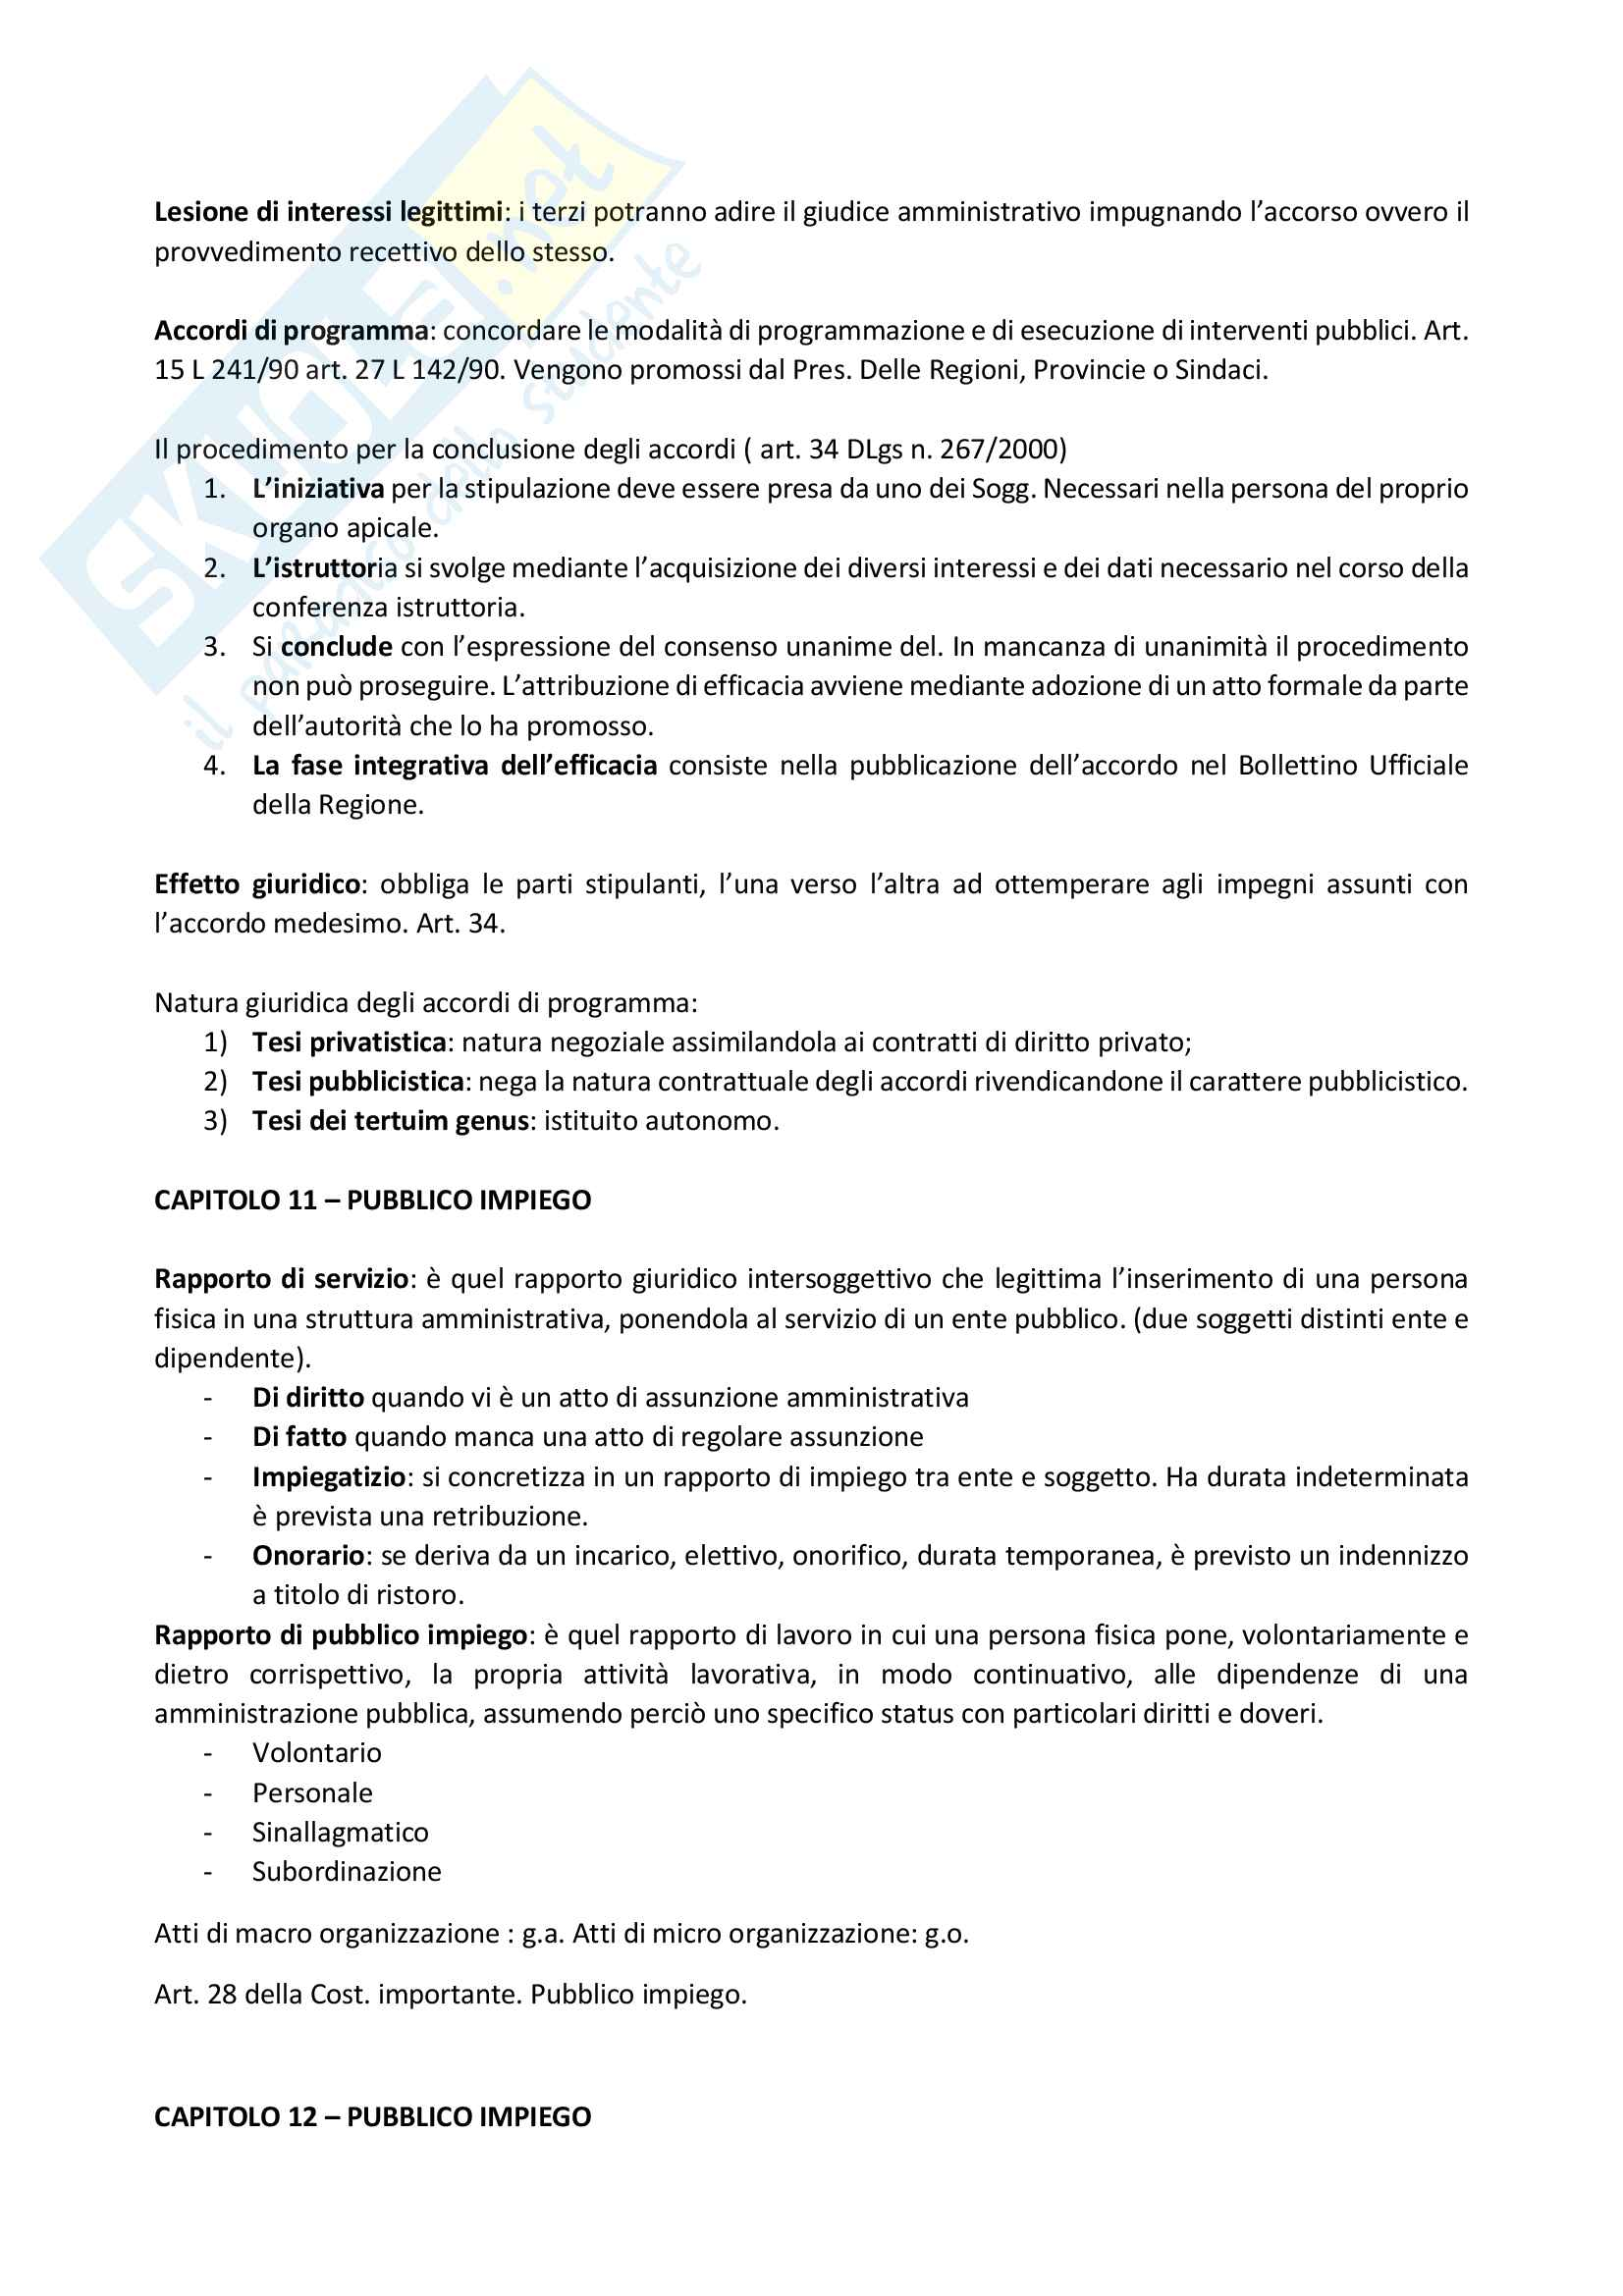 Riassunto di Diritto Amministrativo L18 Unipeg Pag. 16